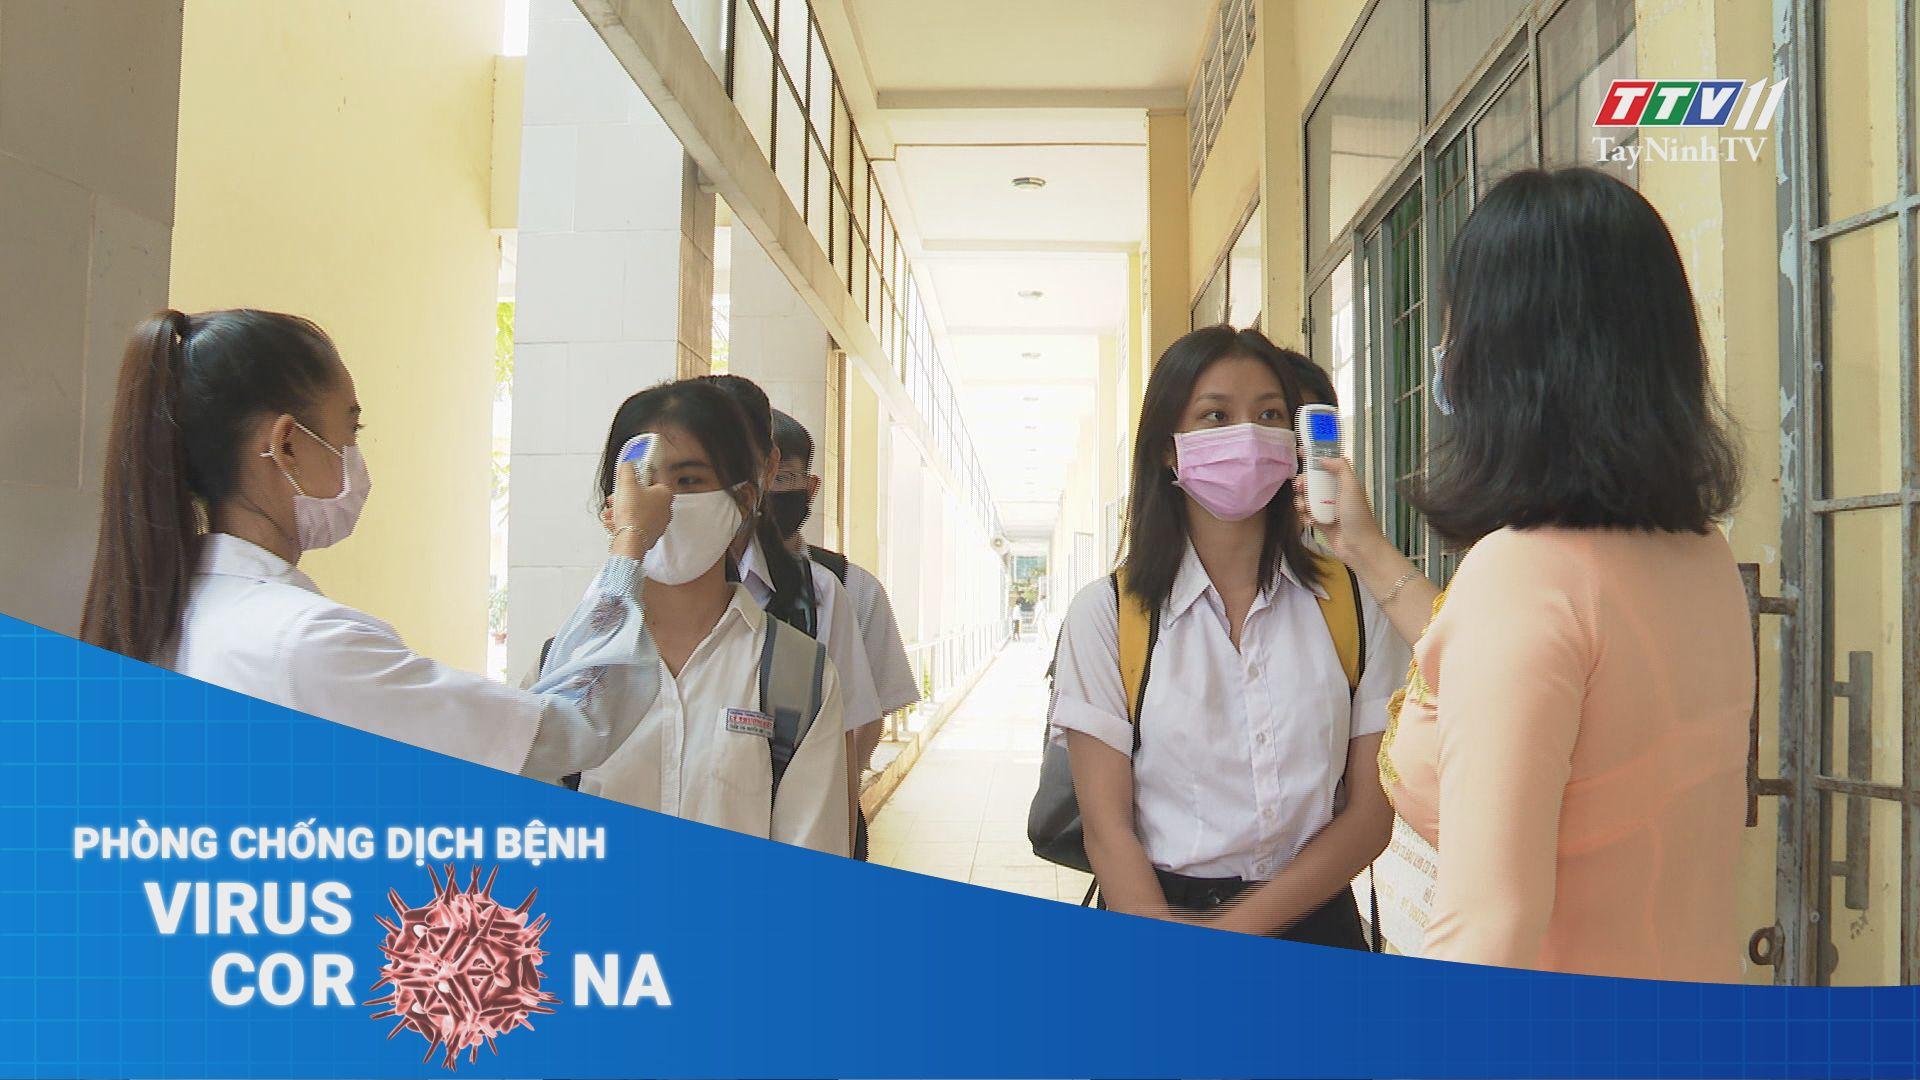 Hình thành thói quen đeo khẩu trang khi đến lớp của học sinh THPT | THÔNG TIN DỊCH CÚM COVID-19 | TayNinhTV